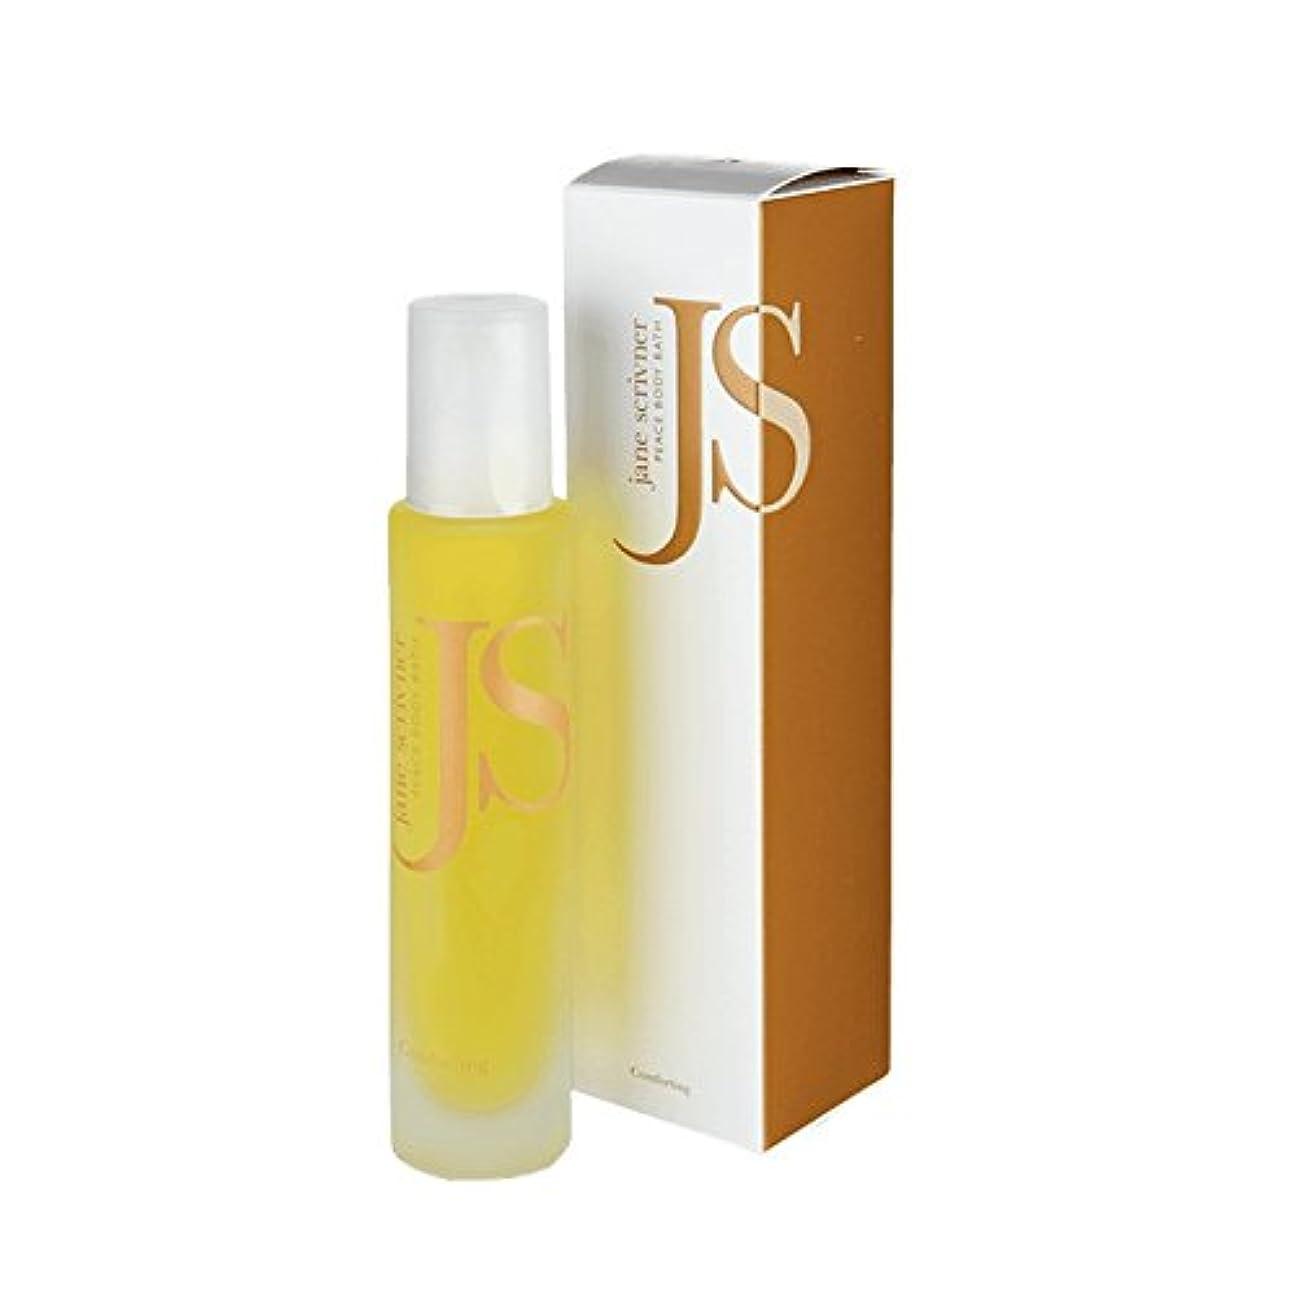 日付付き安定しました機関車Jane Scrivner Body Bath Oil Peace 100ml (Pack of 6) - ジェーンScrivnerボディバスオイル平和100ミリリットル (x6) [並行輸入品]